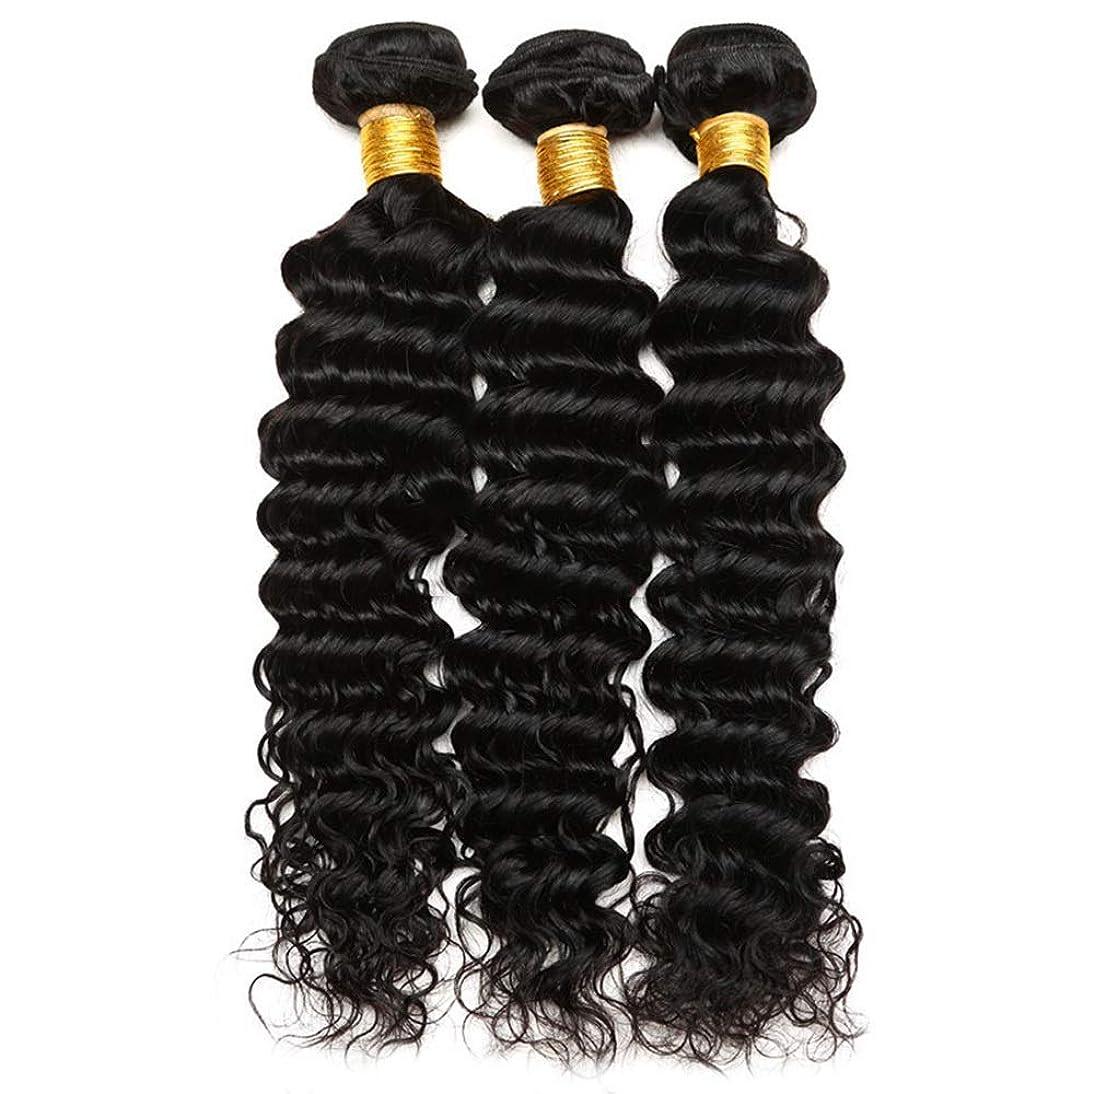 どっちでもコード歪めるYESONEEP 7Aグレードブラジル巻き毛ディープウェーブバンドル未処理ブラジル人毛織りエクステンションナチュラルブラック100グラム/バンドル複合ヘアレースかつらロールプレイングかつらロングとショート女性自然 (色 : 黒, サイズ : 10 inch)